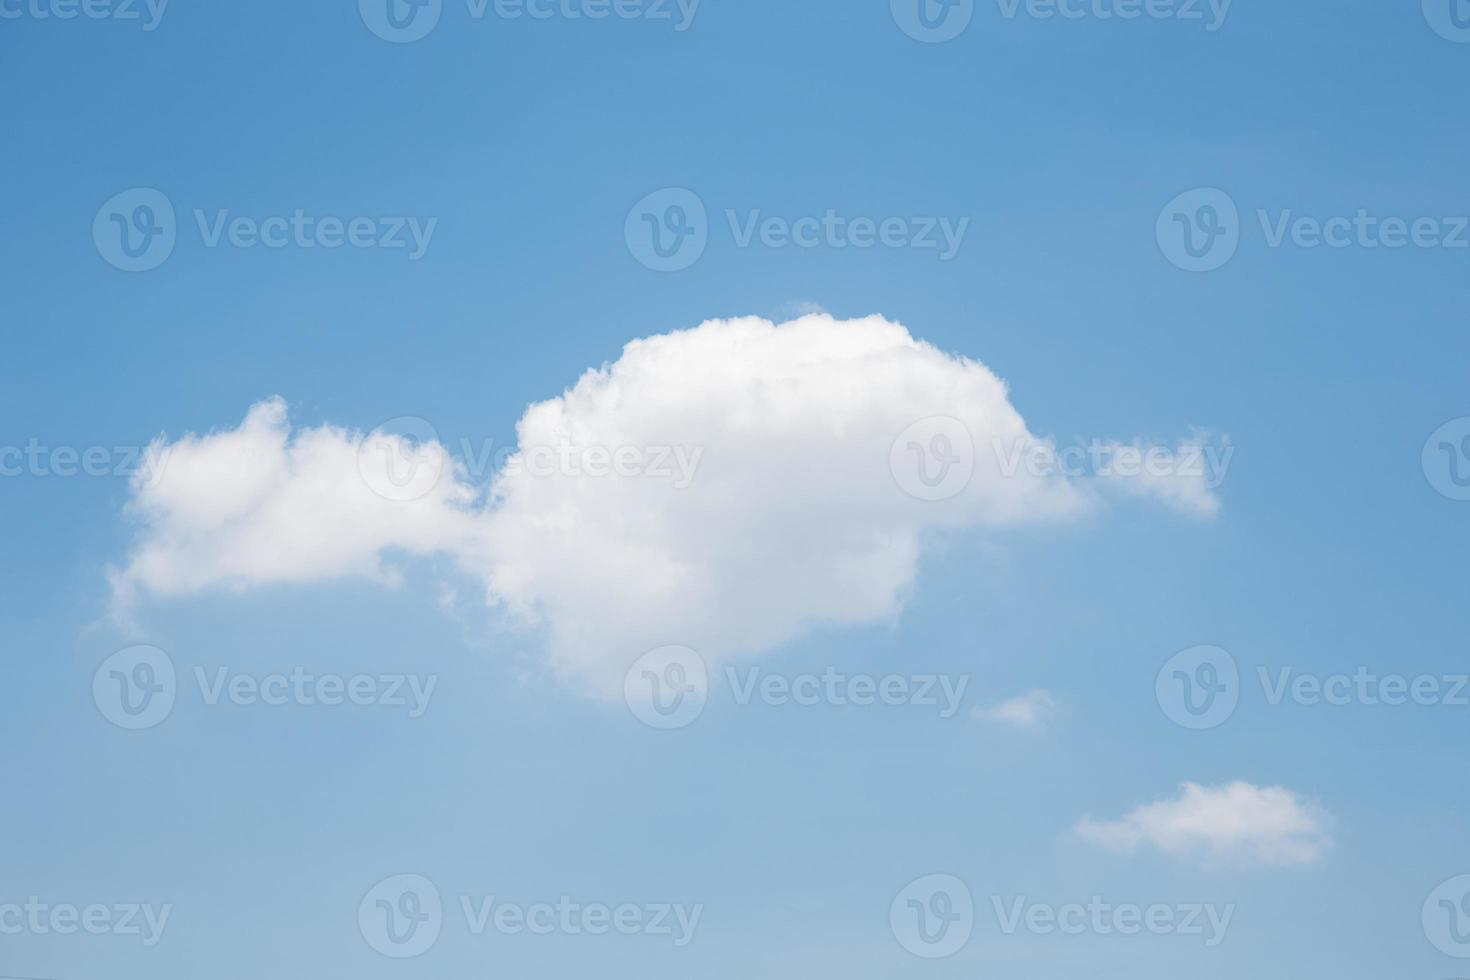 nuvola bianca del cielo blu foto